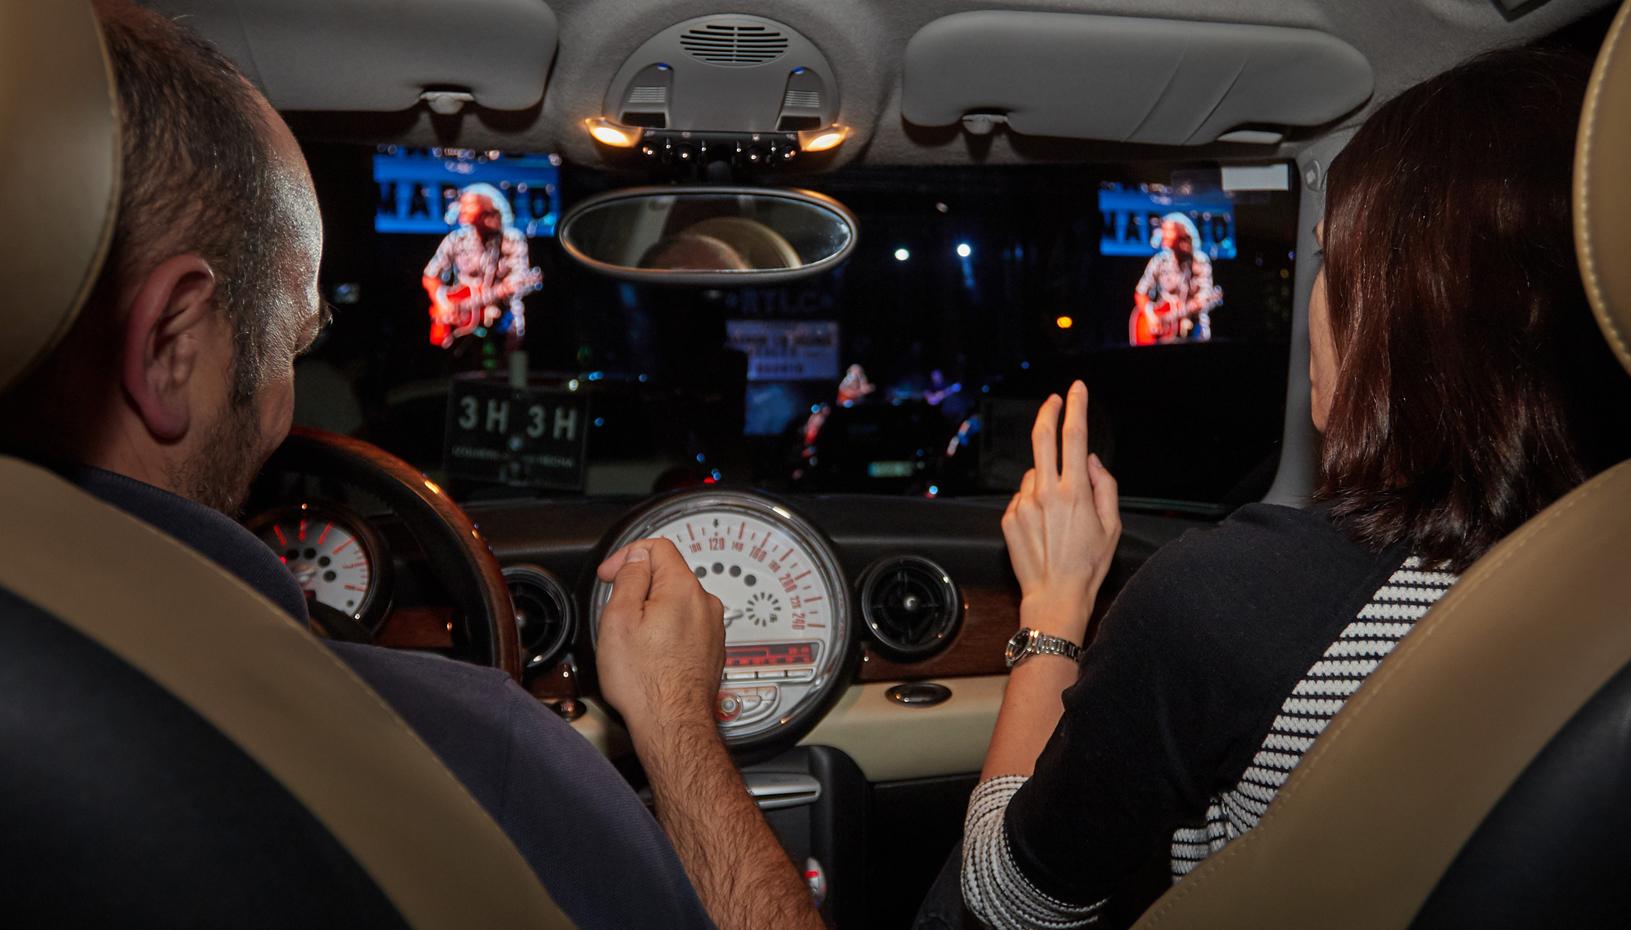 CARROUSEL_DRIVE IN FEST_05